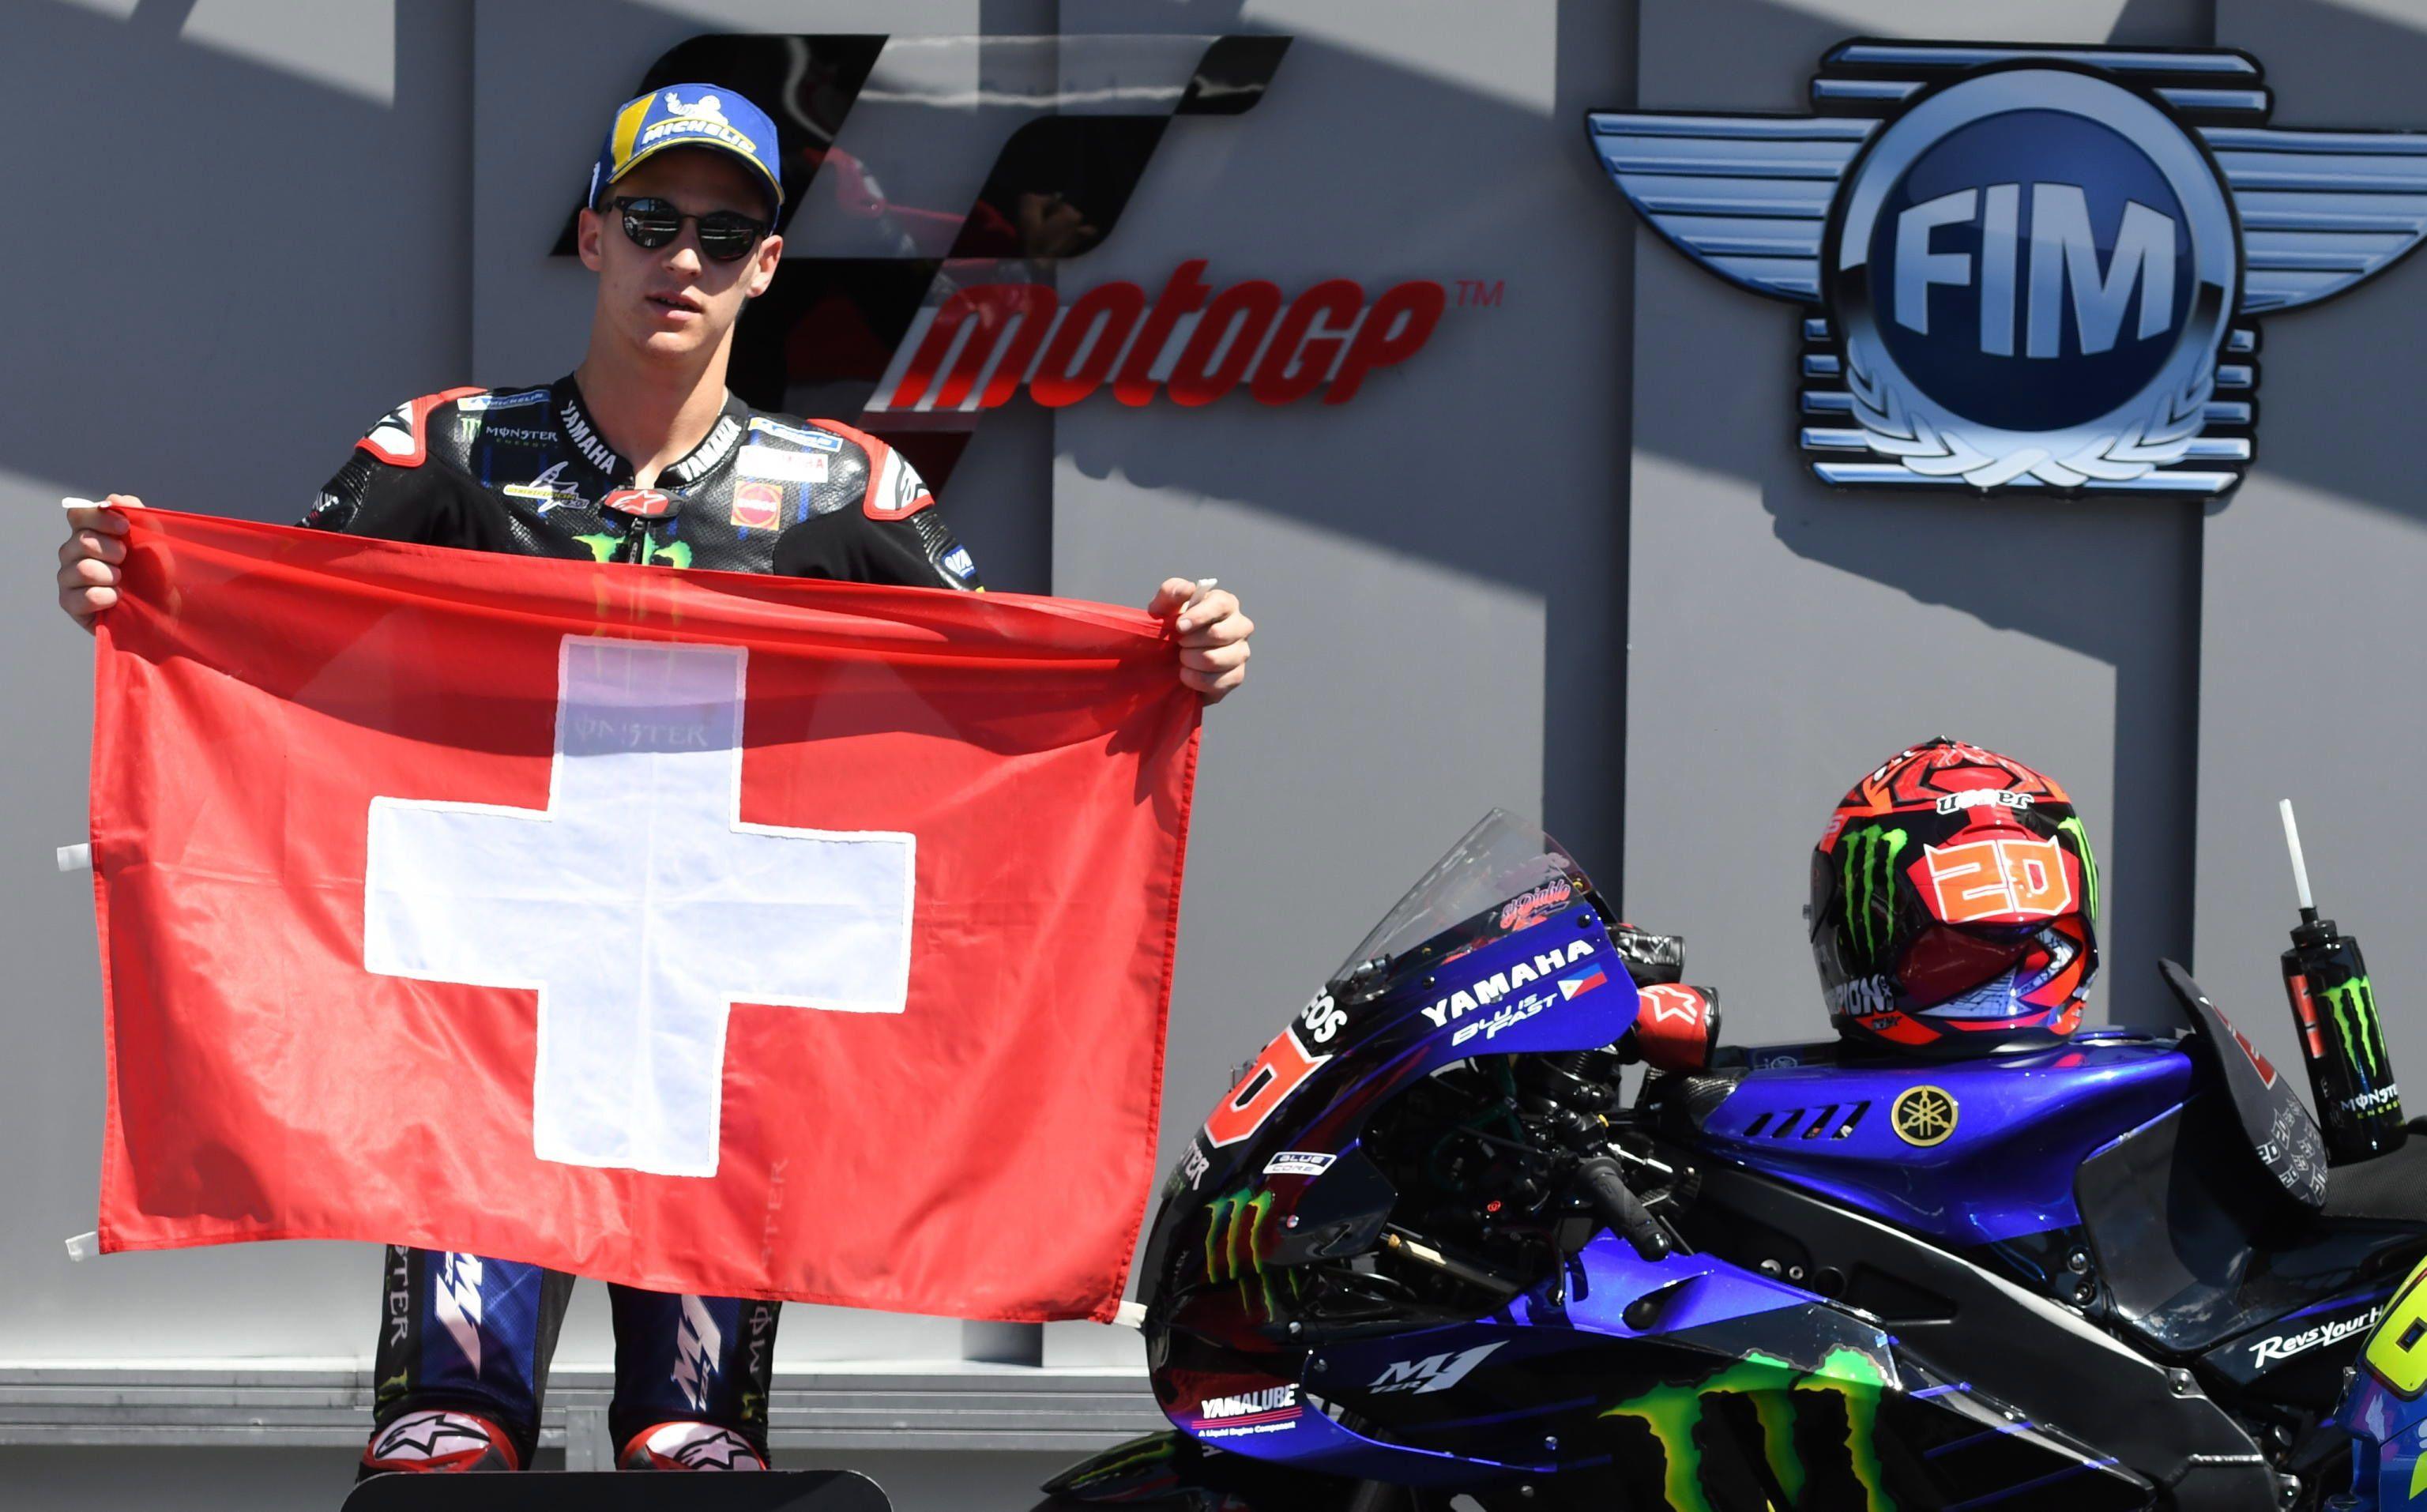 El ganador en Mugello del MotoGP, Fabio Quartararo, con una bandera de Suiza, en homenaje a piloto de Moto3 Jason Dupasquier (EFE/EPA/CLAUDIO GIOVANNINI).